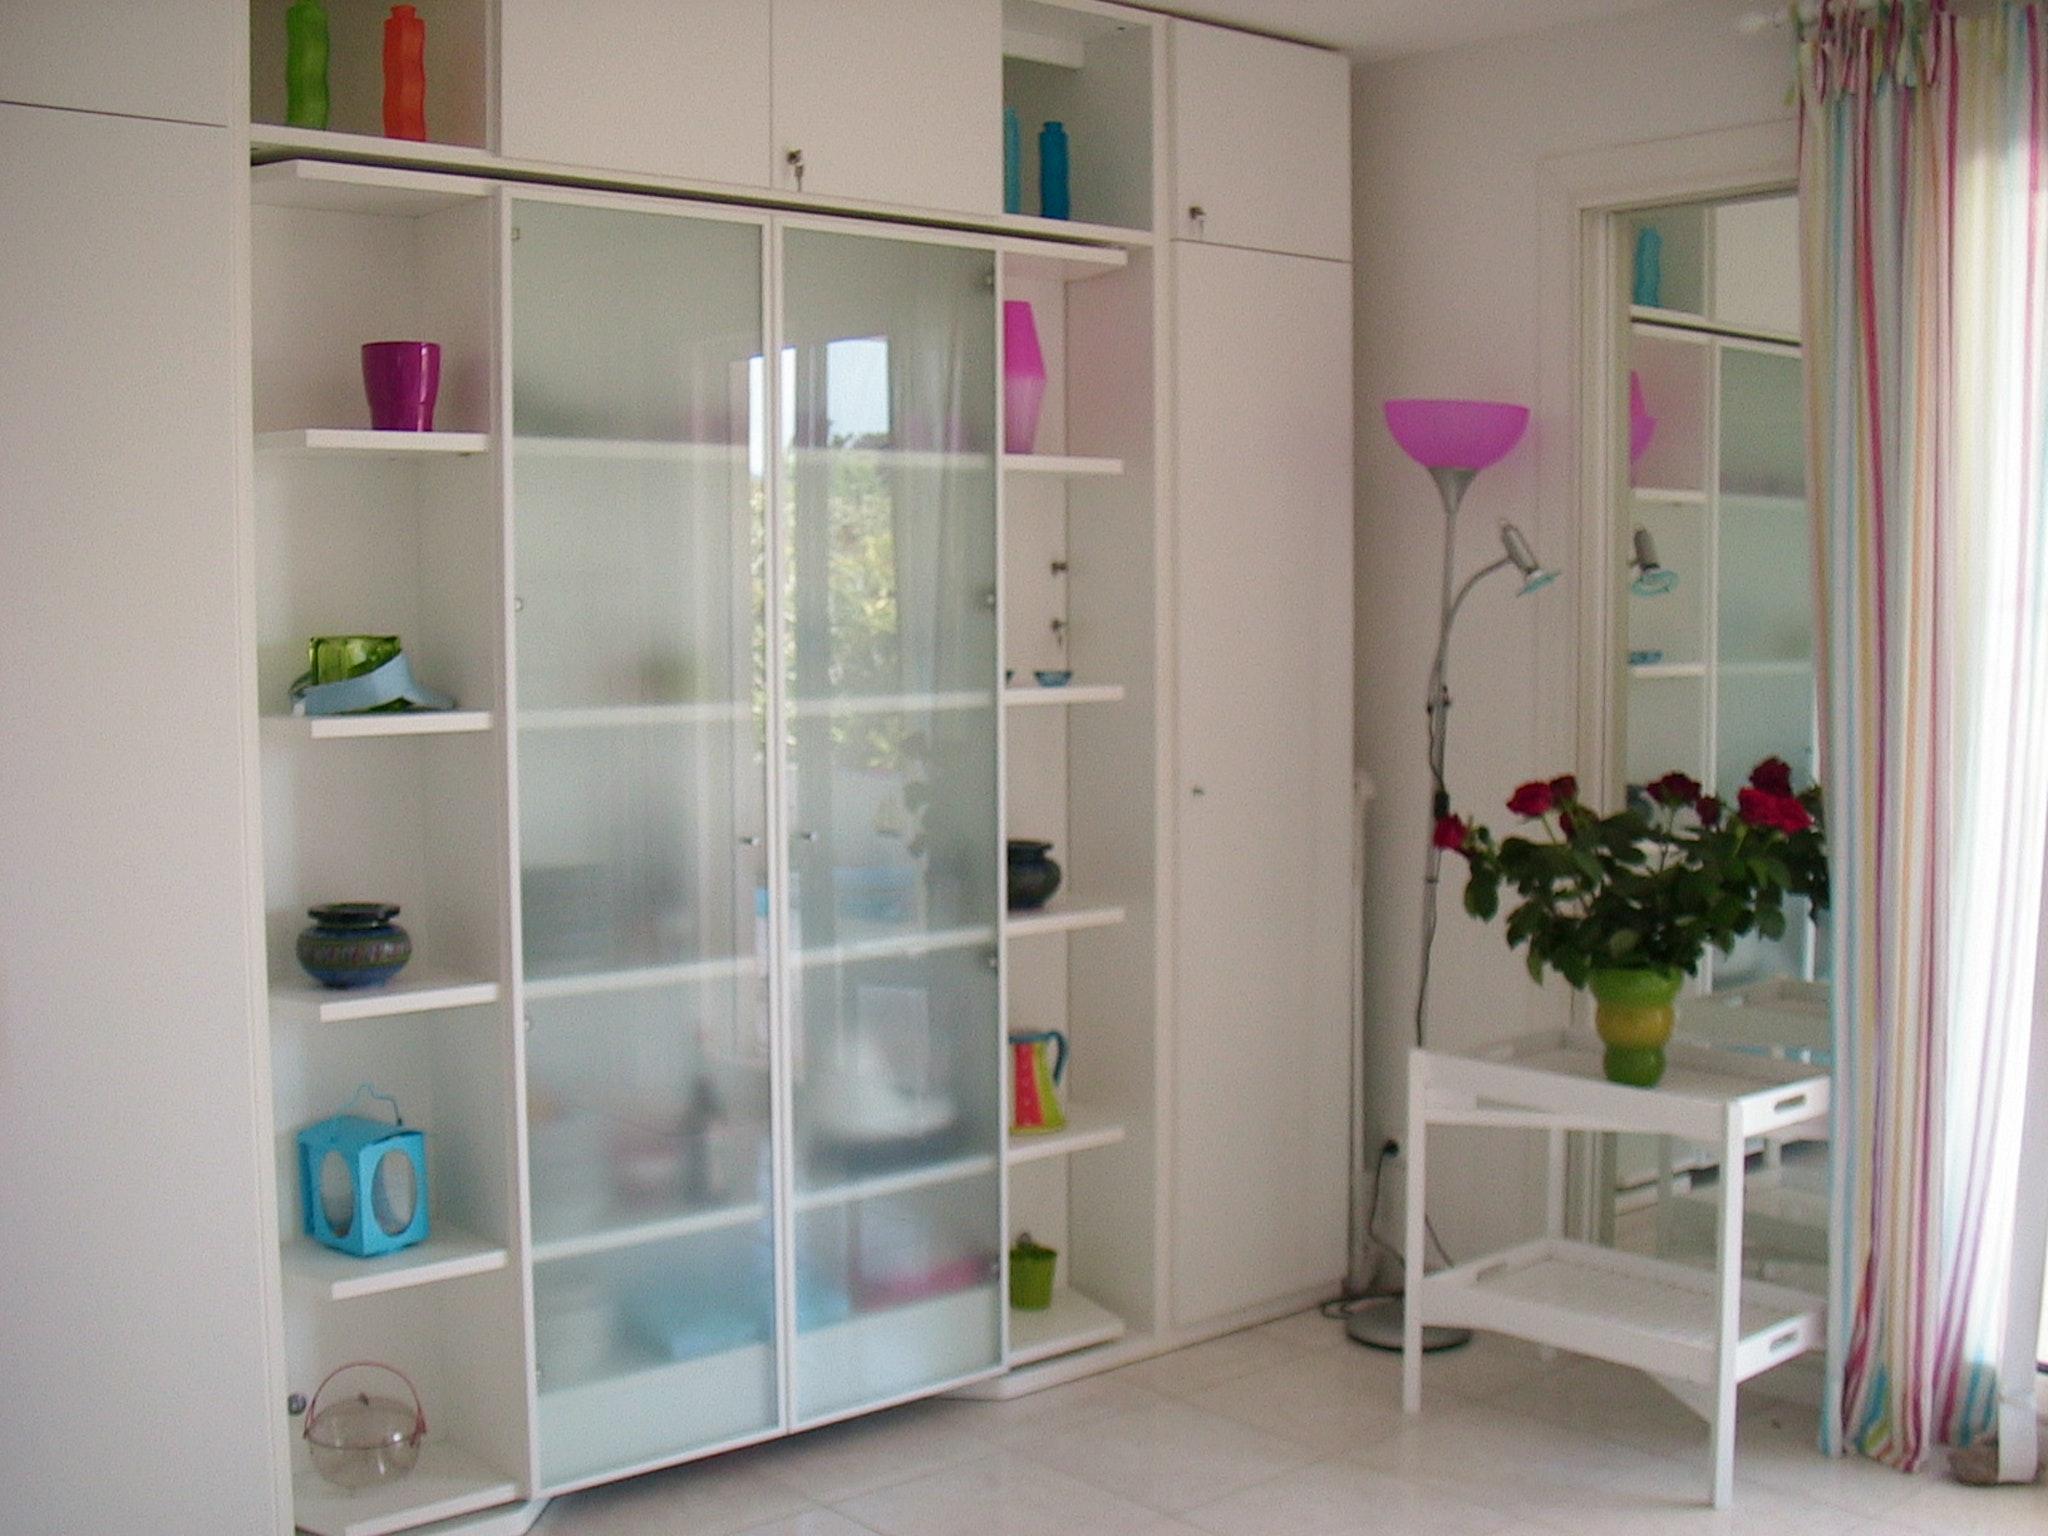 Appartement de vacances Wohnung mit einem Schlafzimmer in Carqueiranne mit Pool, eingezäuntem Garten und W-LAN - 7 (2231381), Carqueiranne, Côte d'Azur, Provence - Alpes - Côte d'Azur, France, image 10